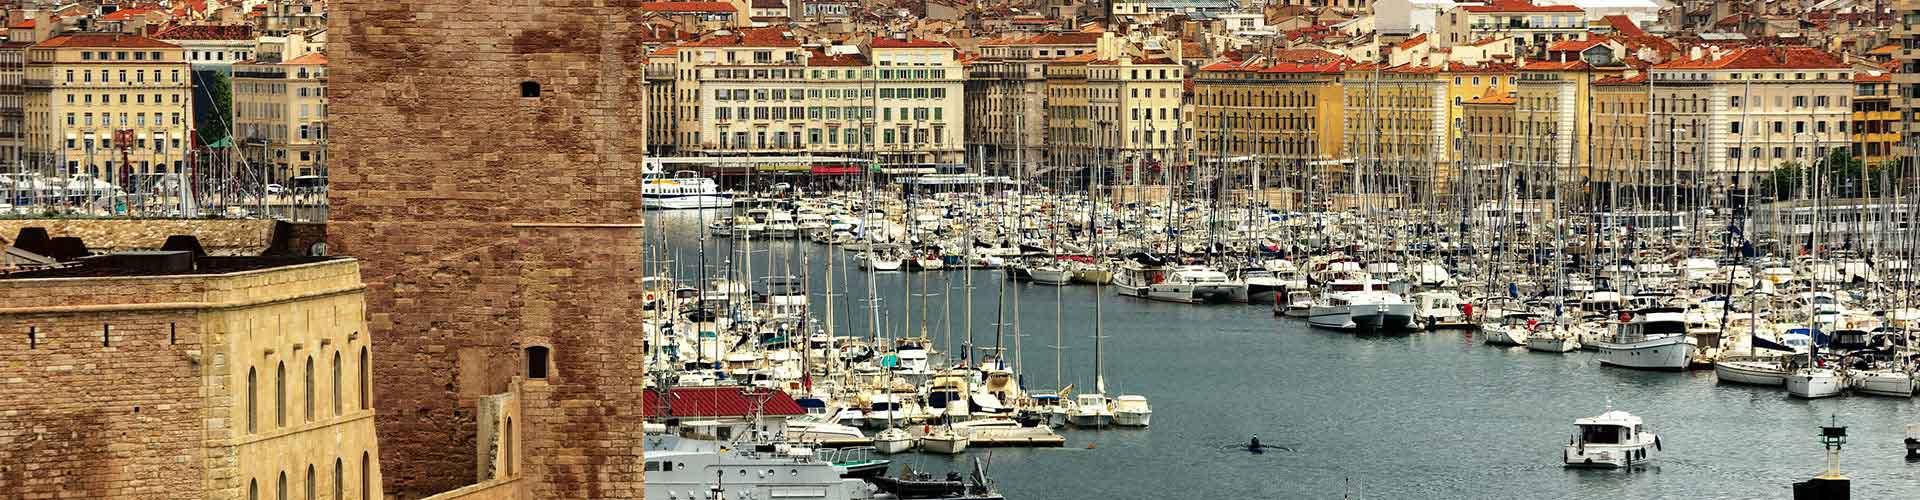 Marsylia - Hostele w mieście: Marsylia, Mapy: Marsylia, Zdjęcia i Recenzje dla każdego hostelu w mieście Marsylia.